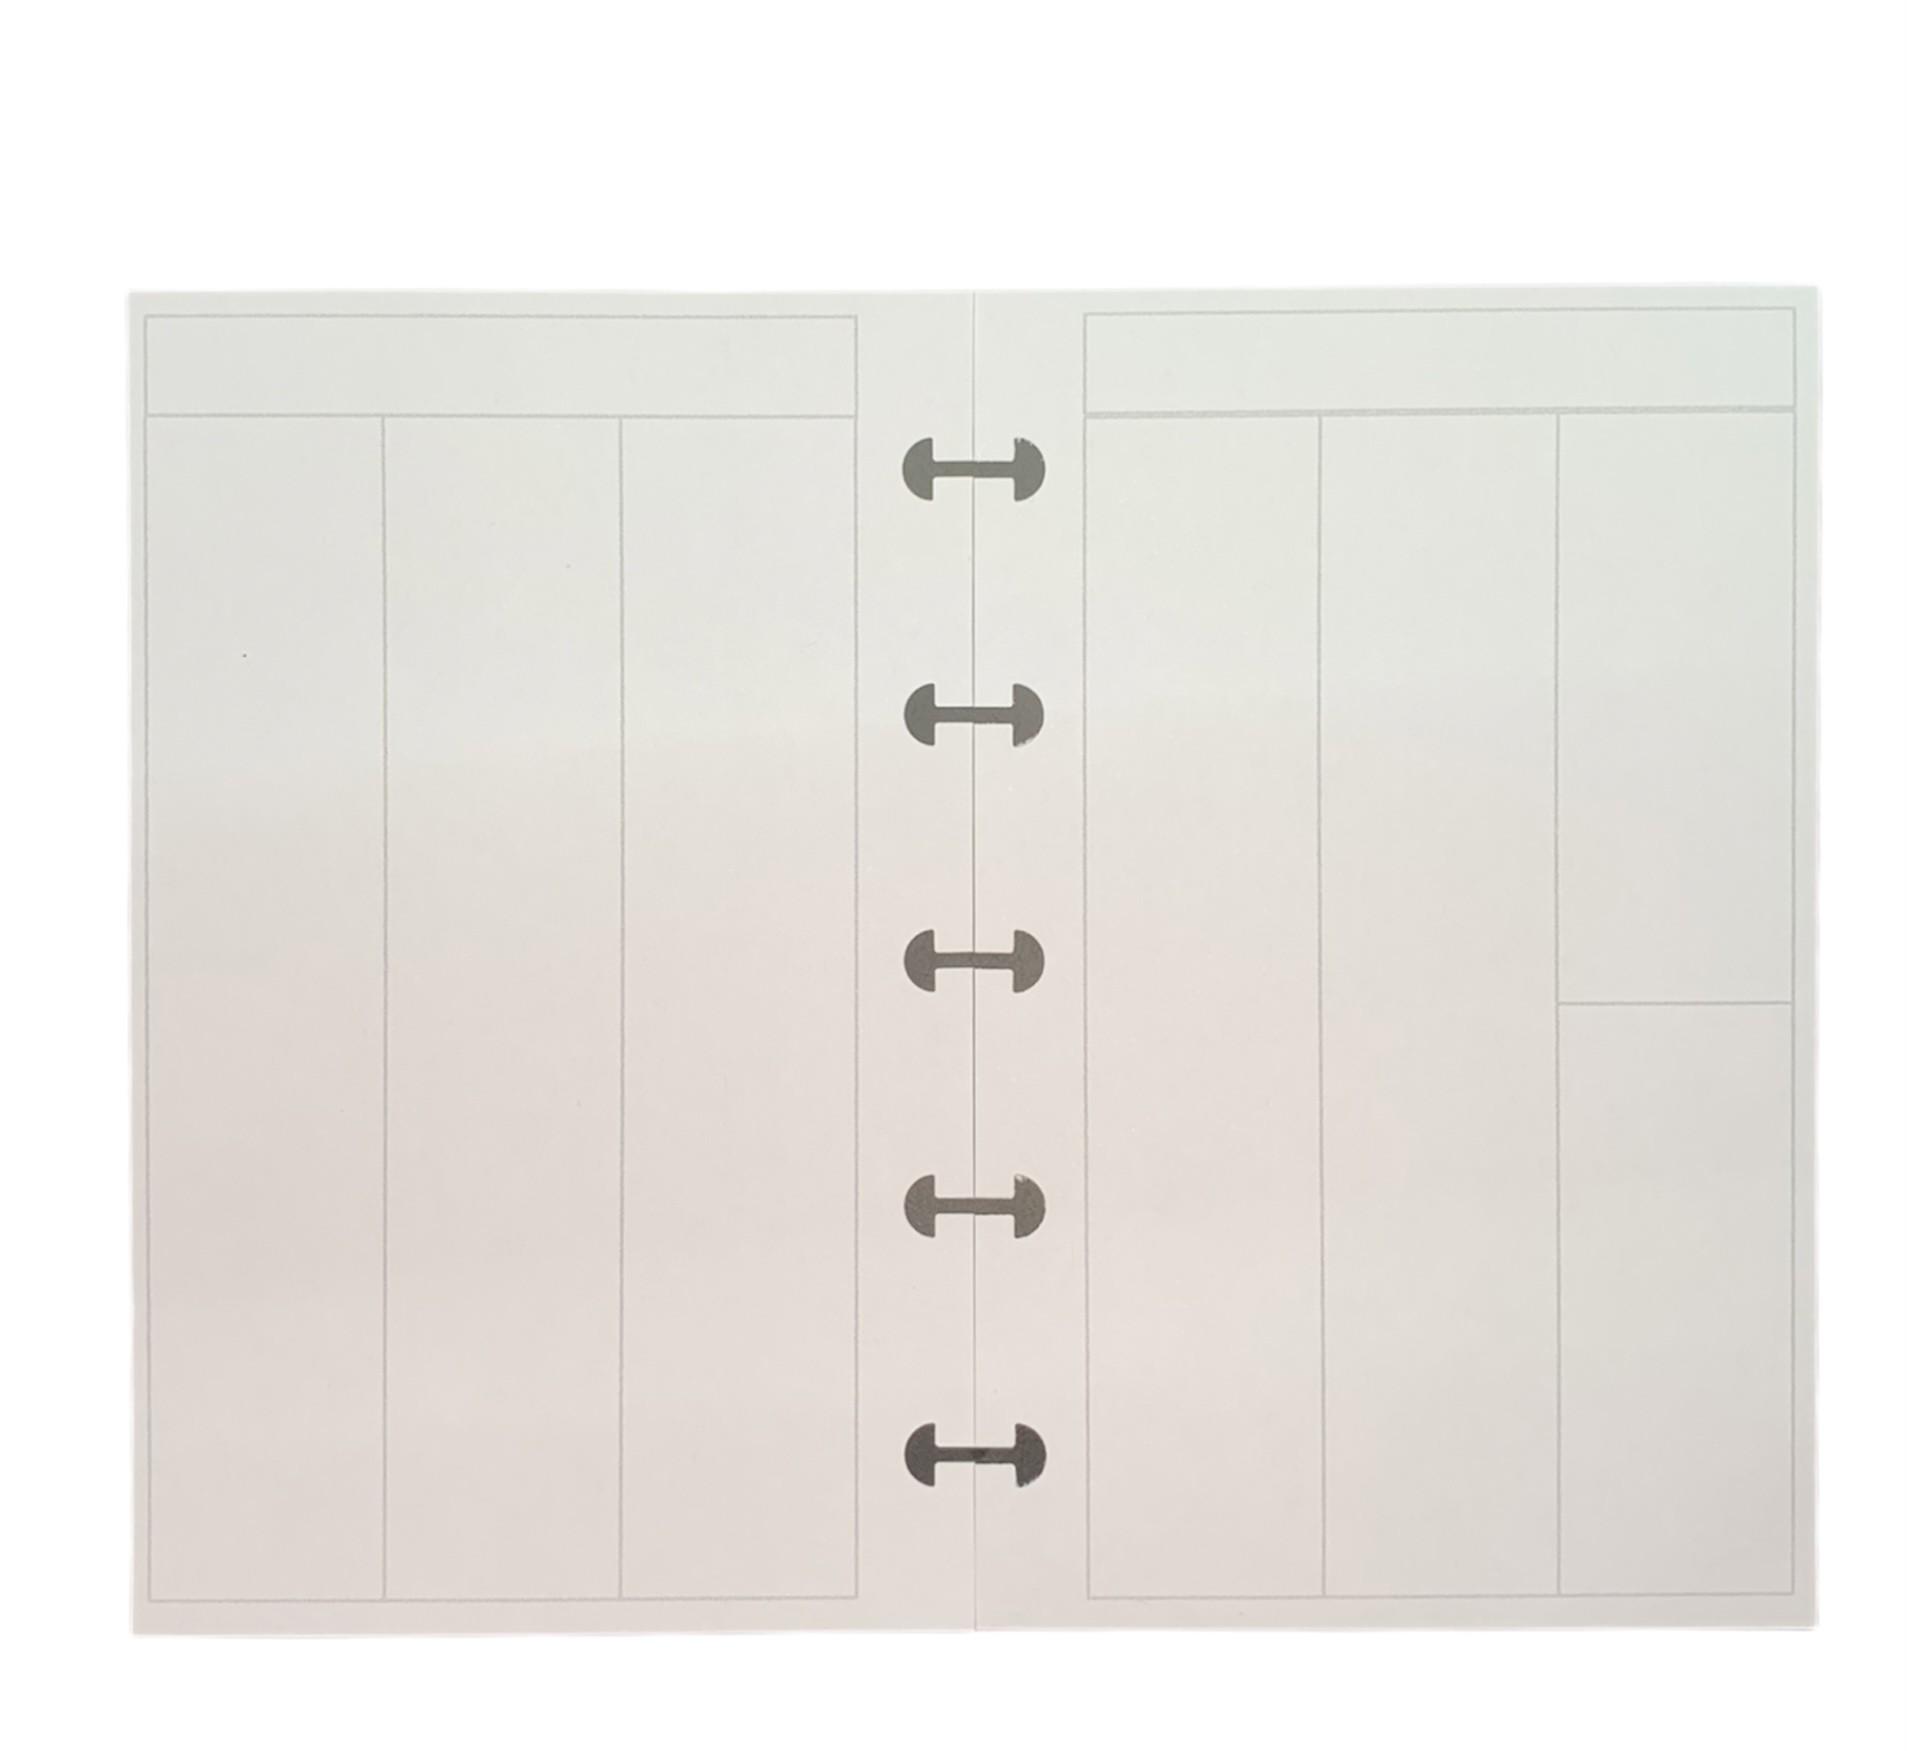 Refil Semanal em Branco Dividido Vertical - Tamanho Pequeno